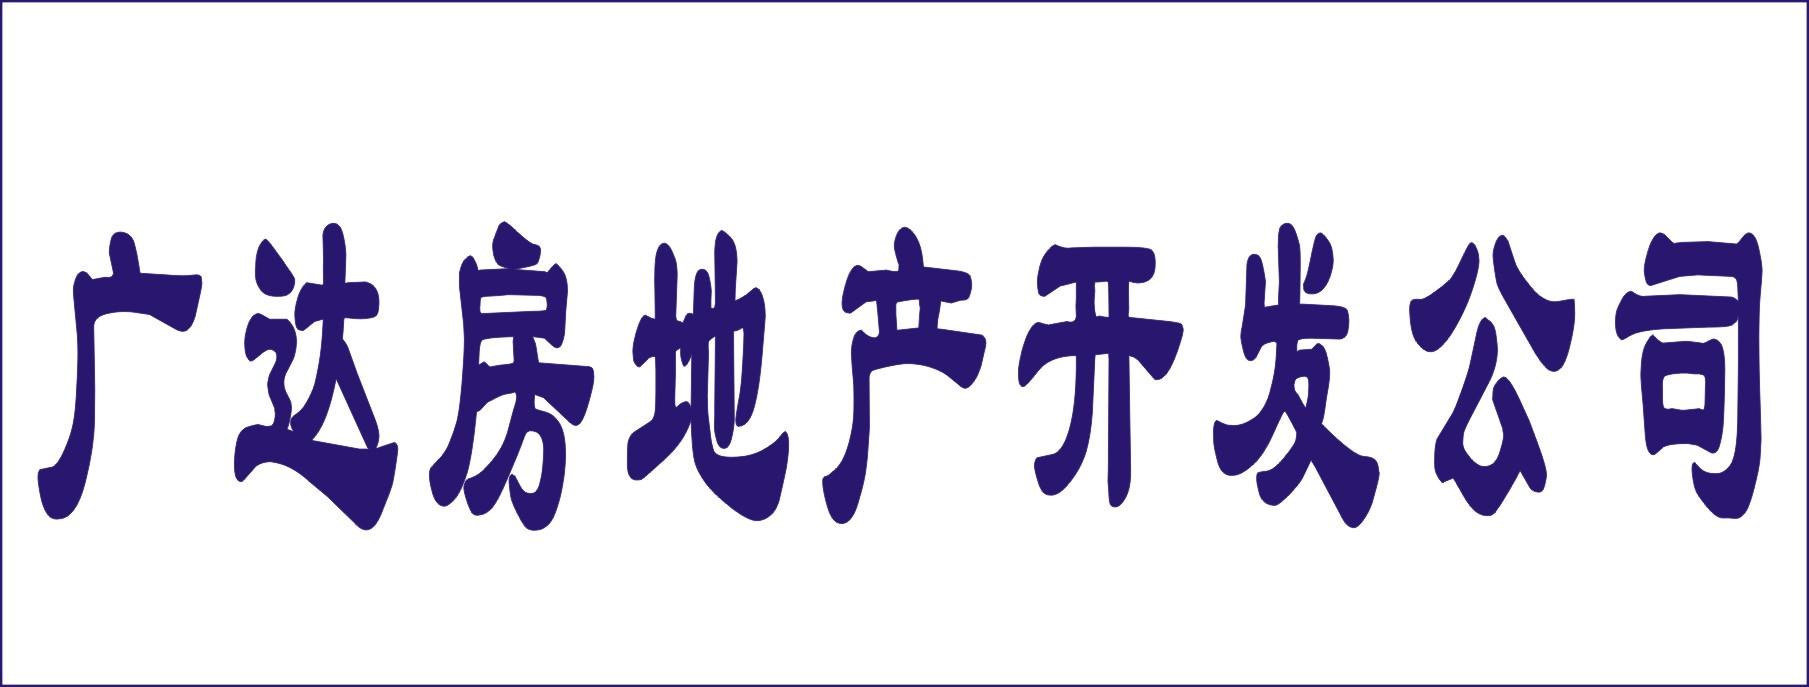 邵阳市广达房地产开发有限公司-邵阳人才网